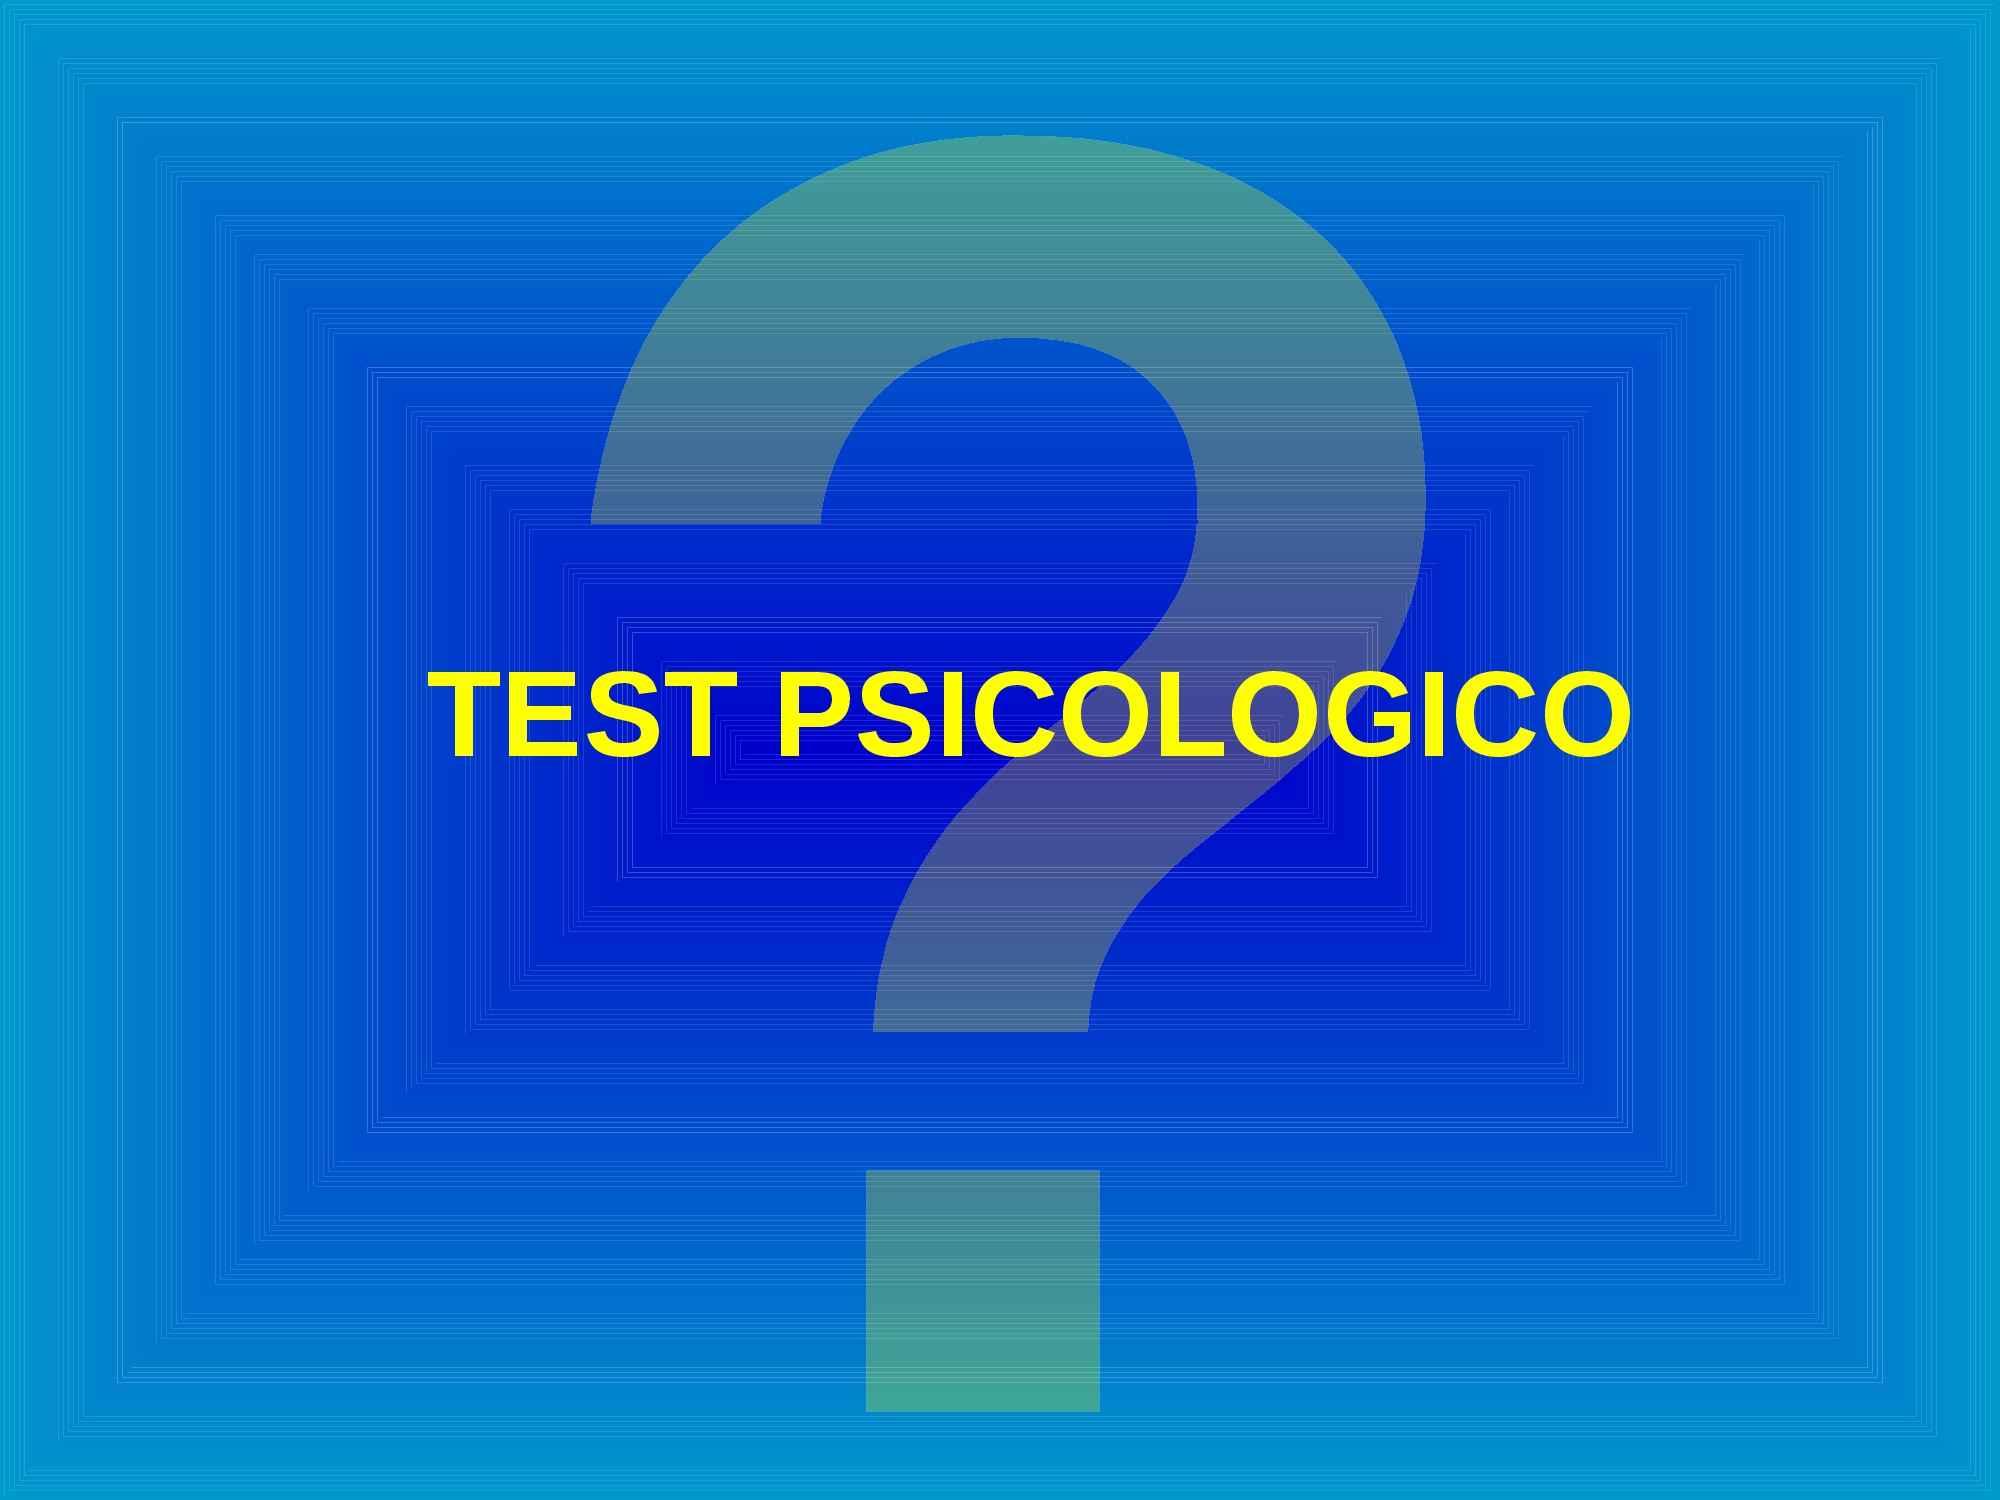 Descrizione delle caratteristiche di un test